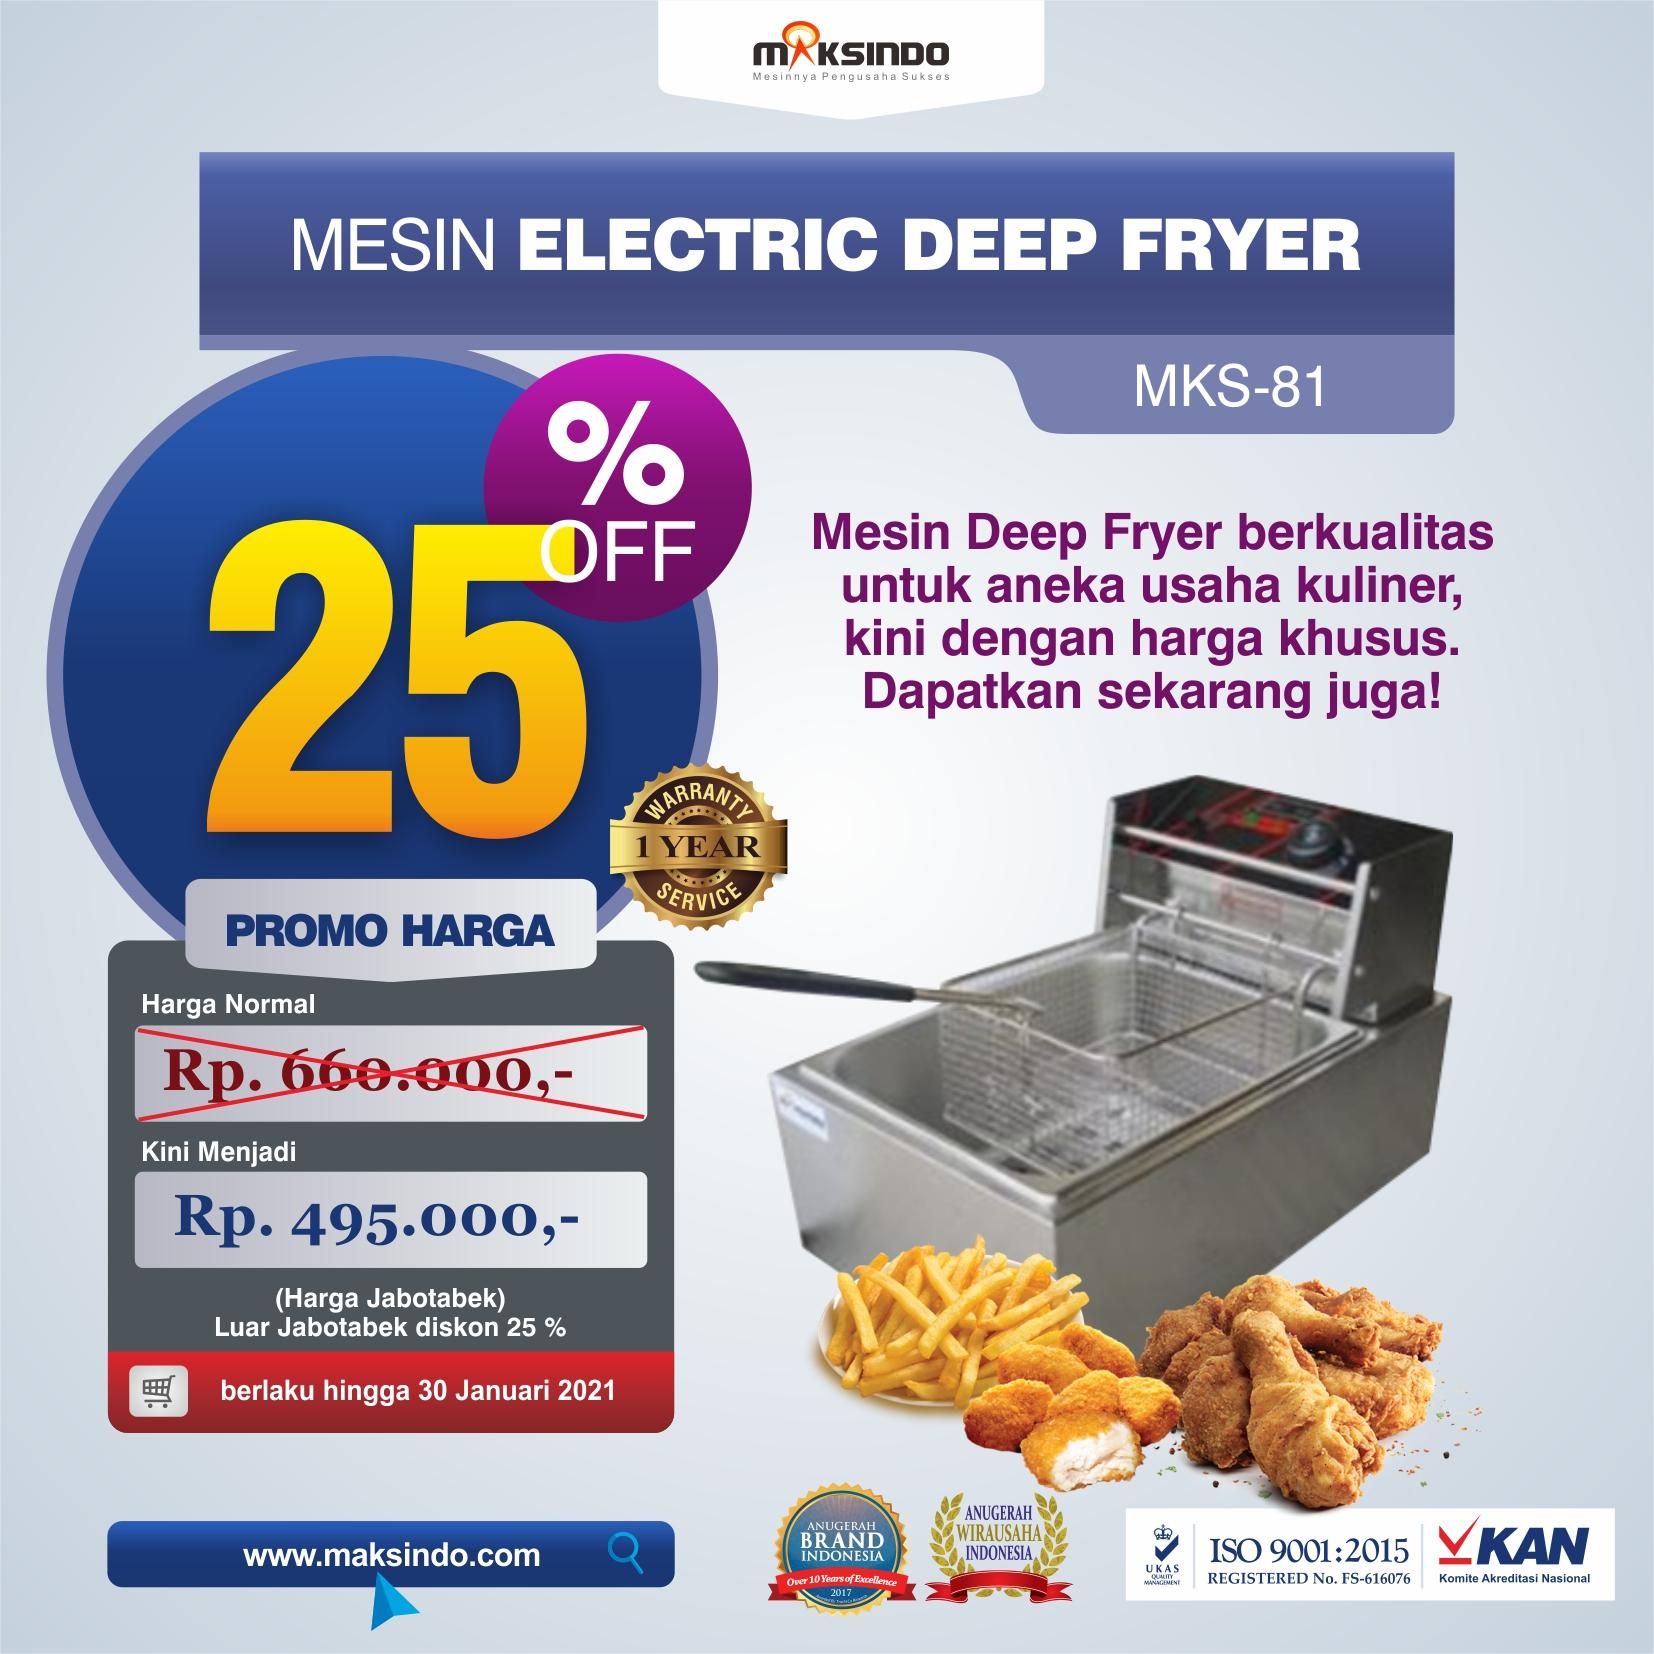 Jual Mesin Electric Deep Fryer MKS-81 di Bekasi